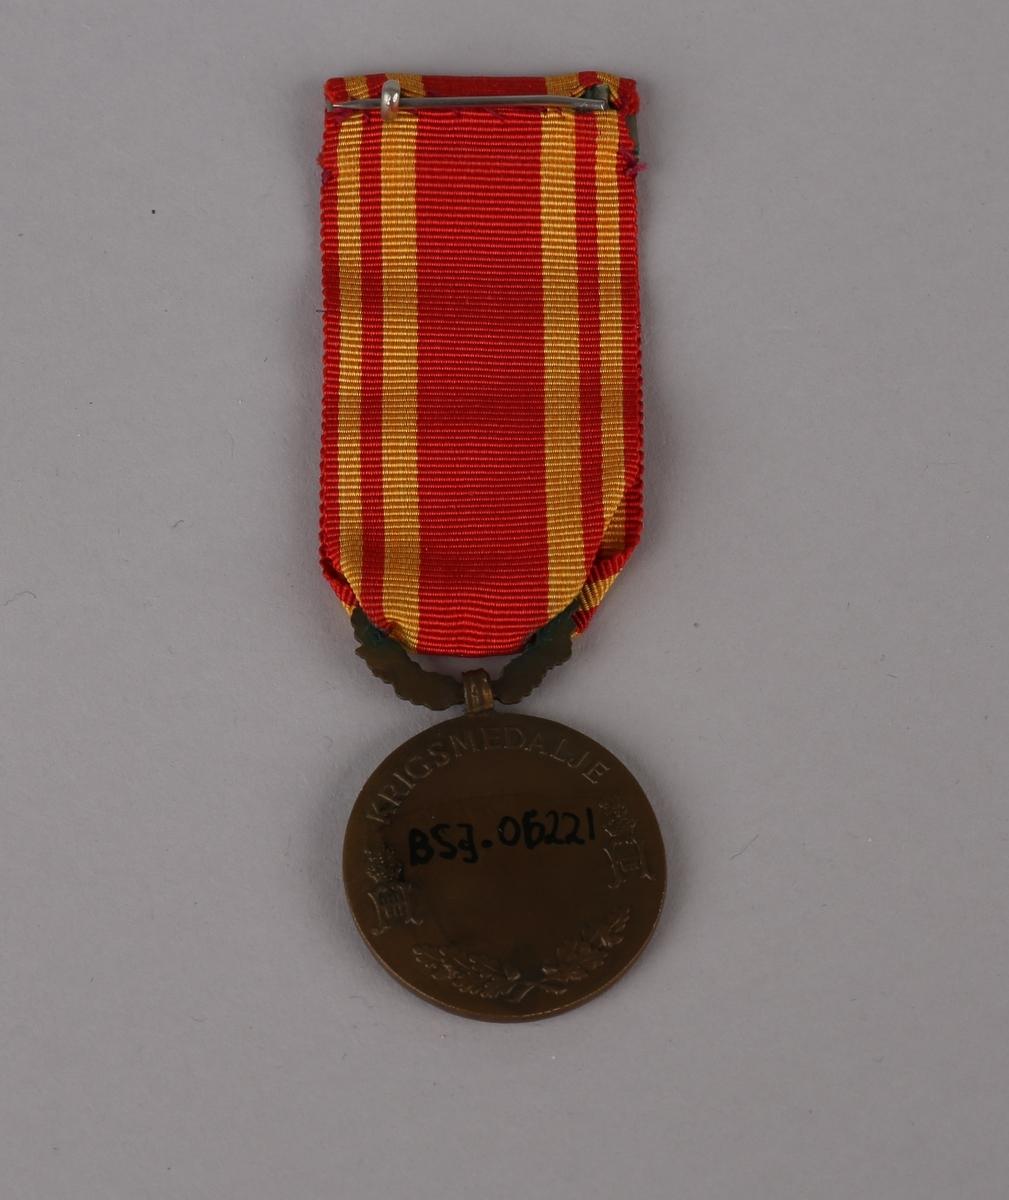 Medalje med relieff av Kong Haakon VII i profil